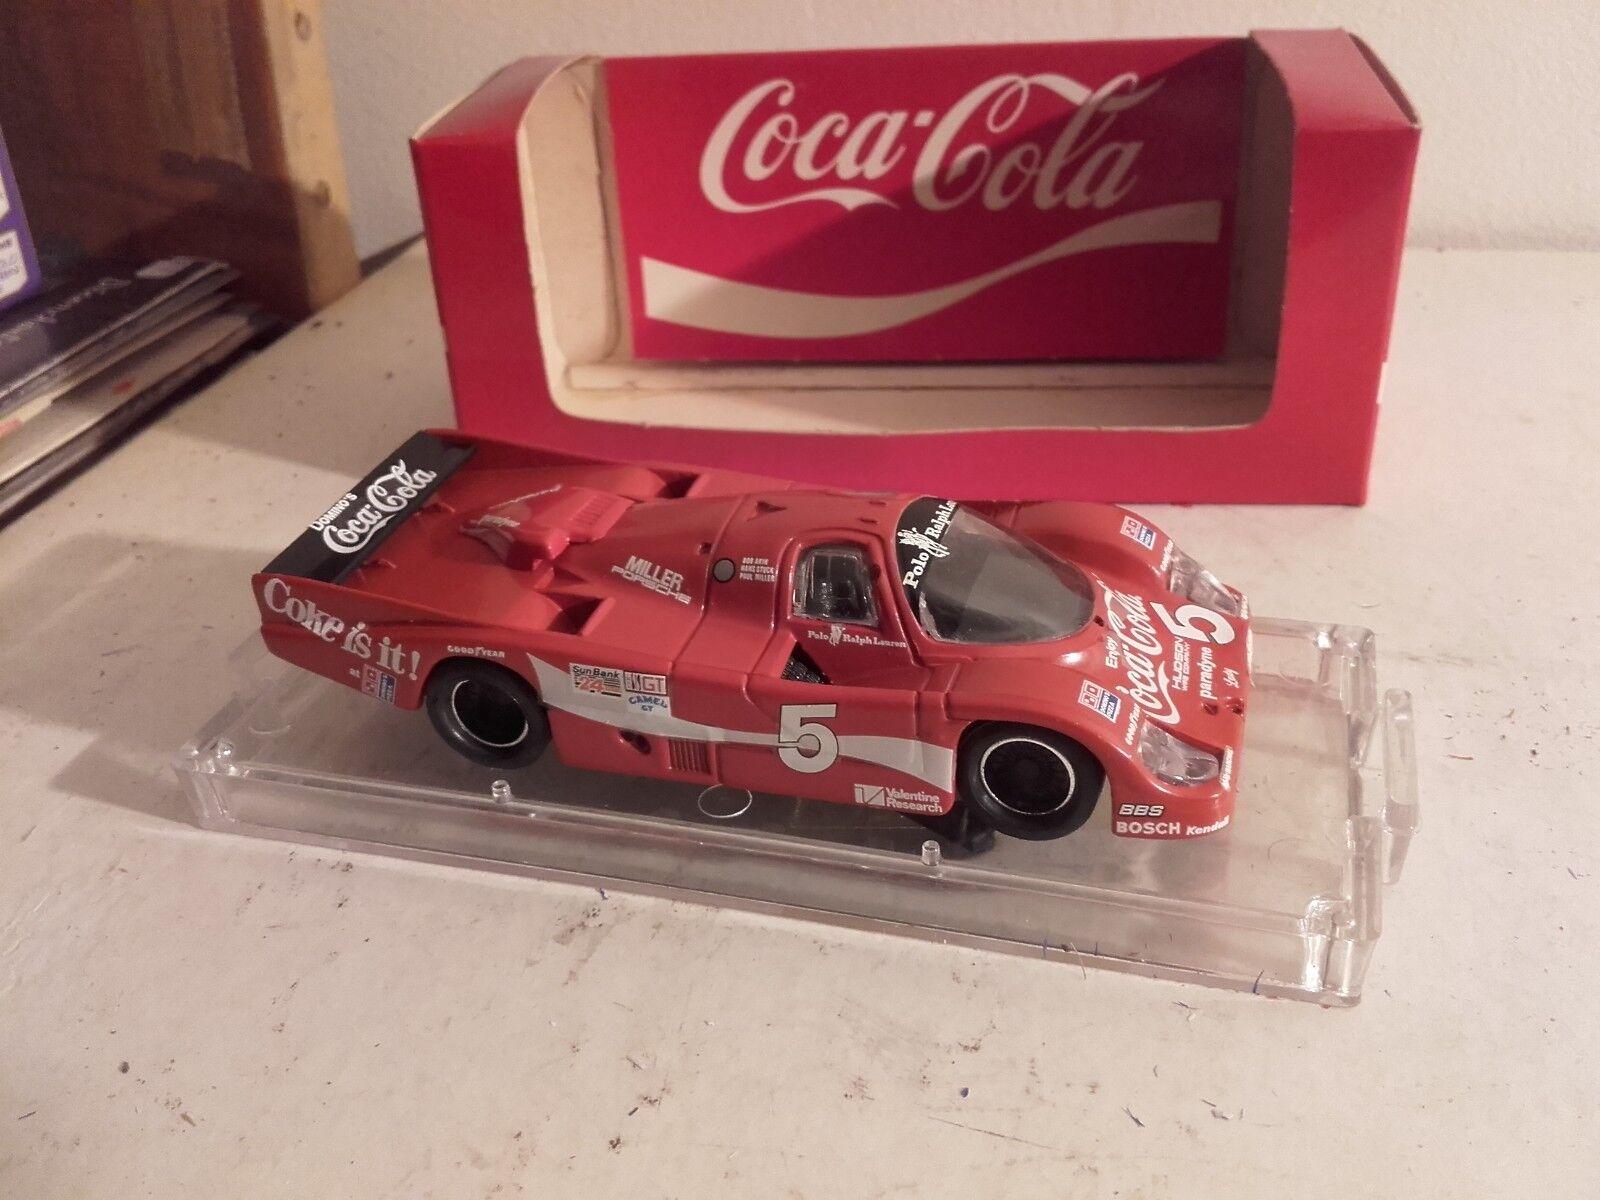 Porsche 962 coca cola imsa daytona 1985 in her box